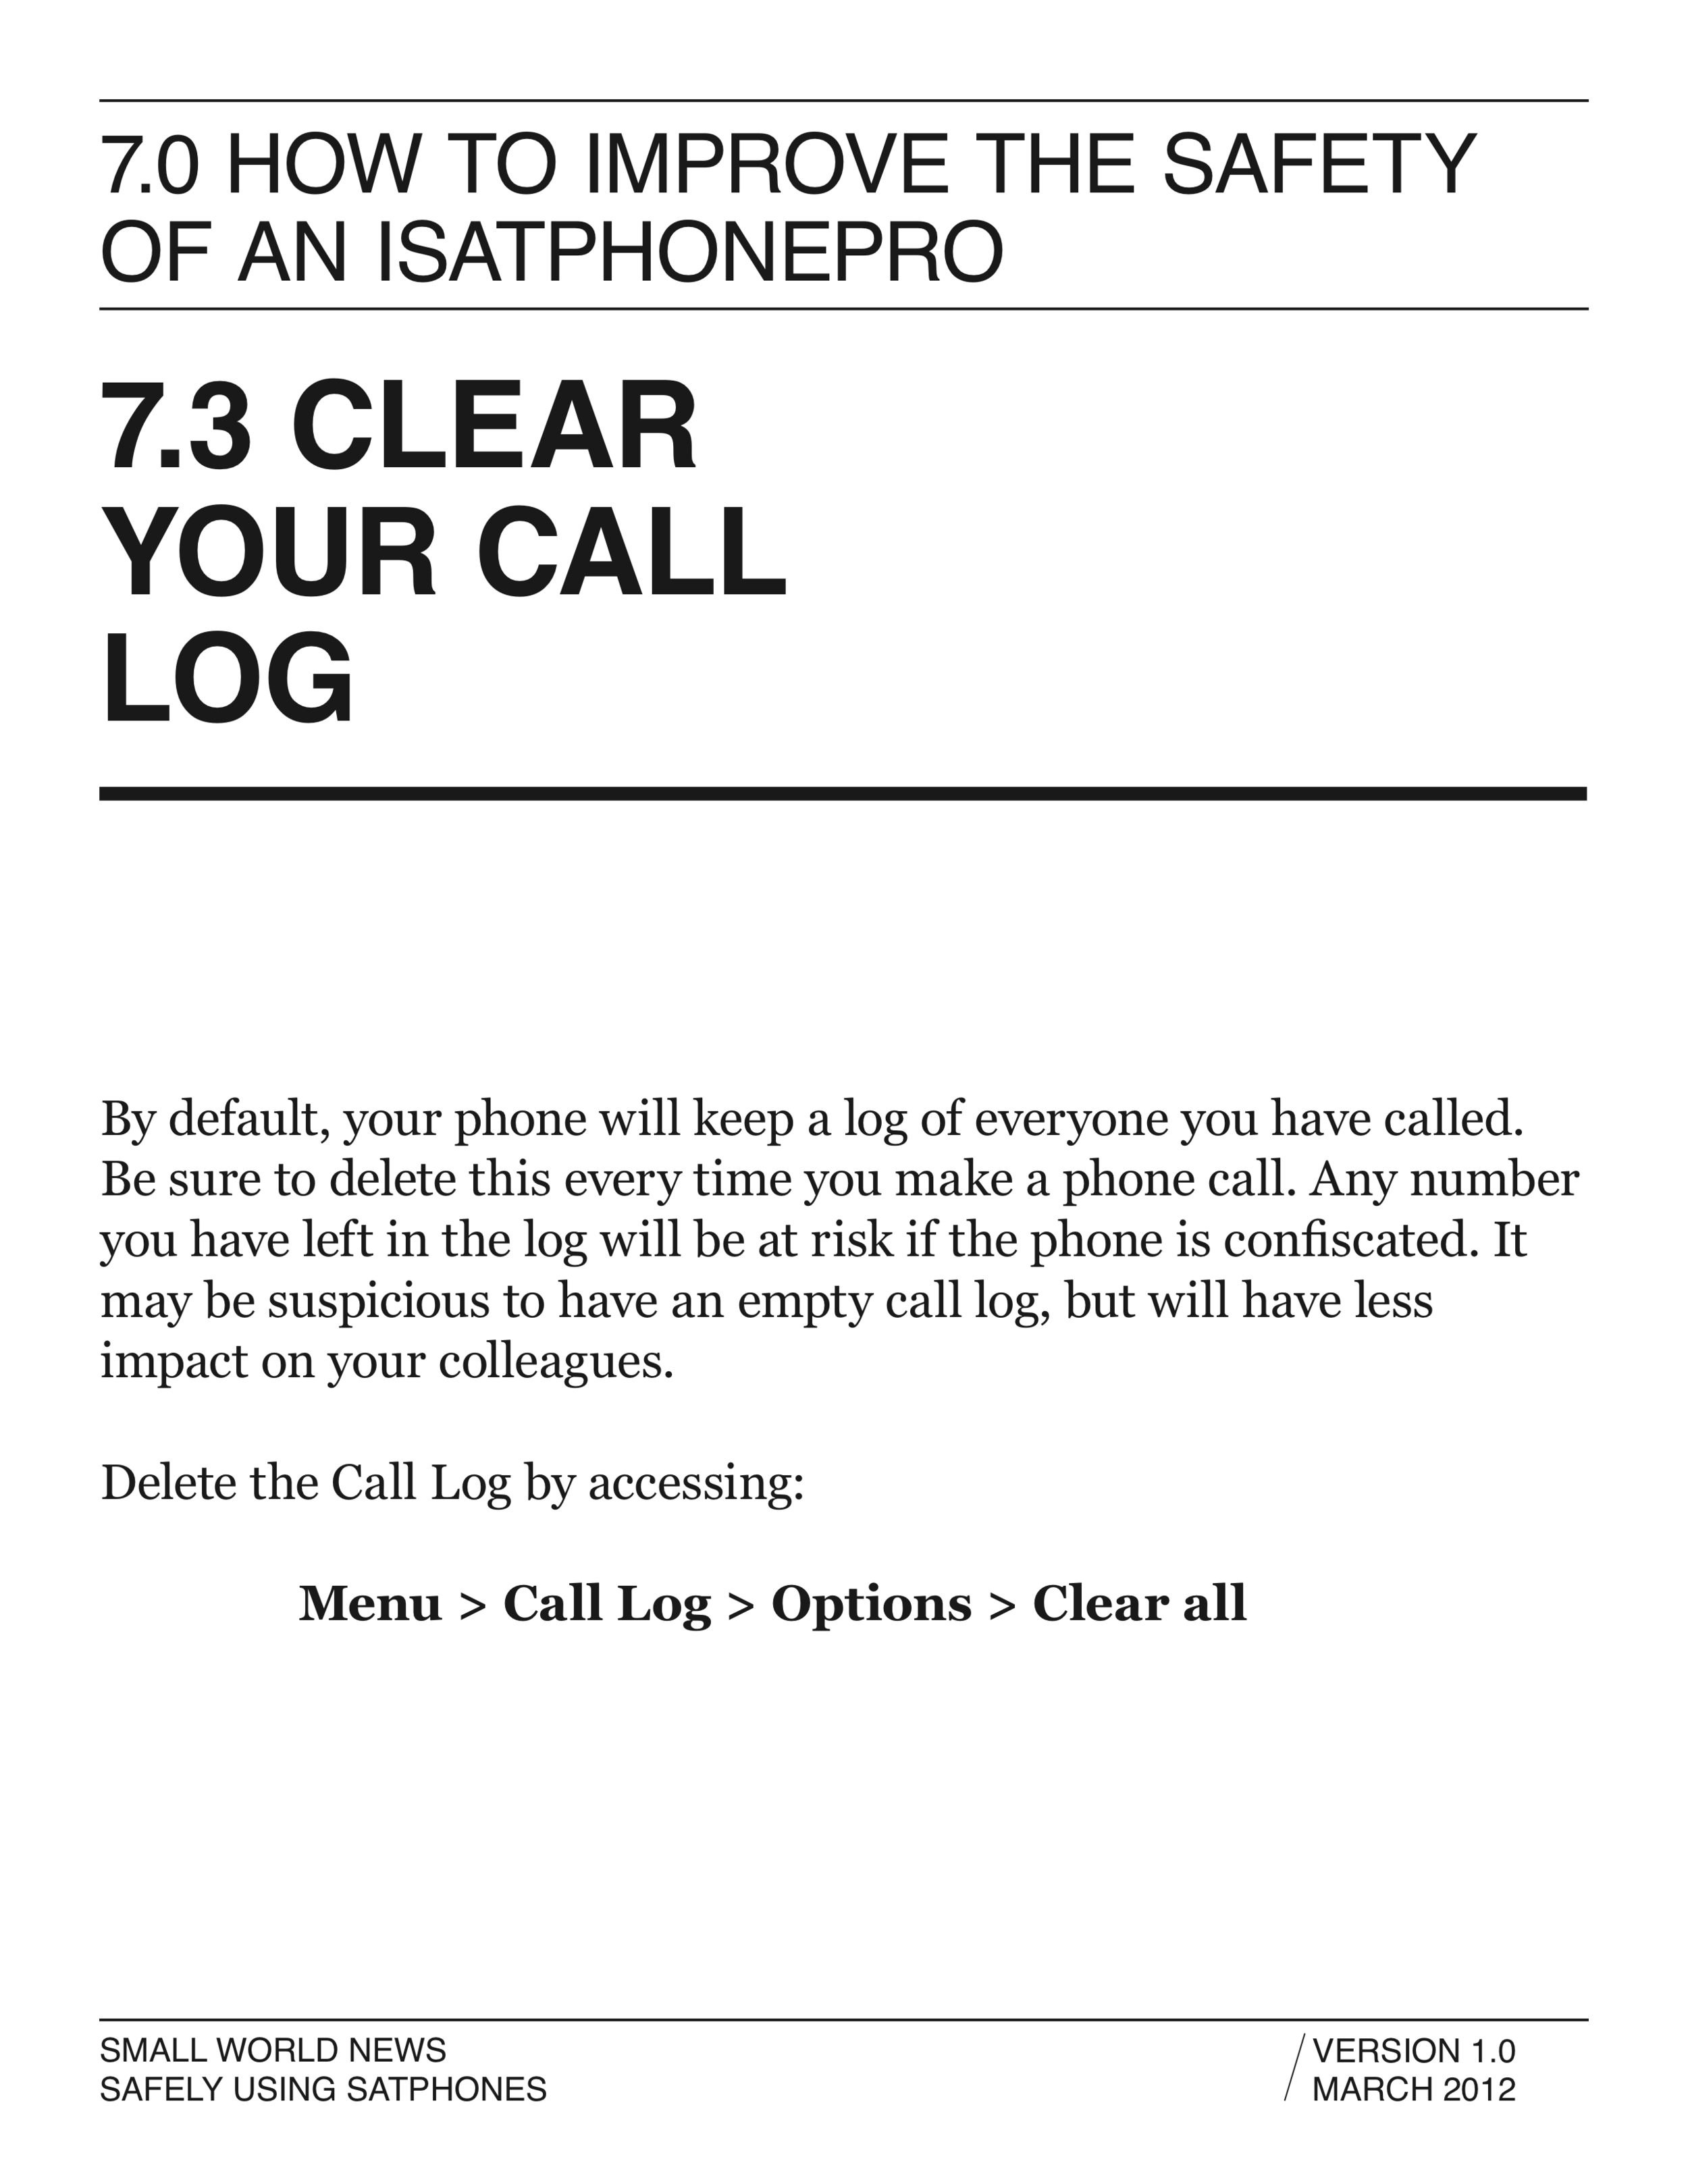 satphone 38.png